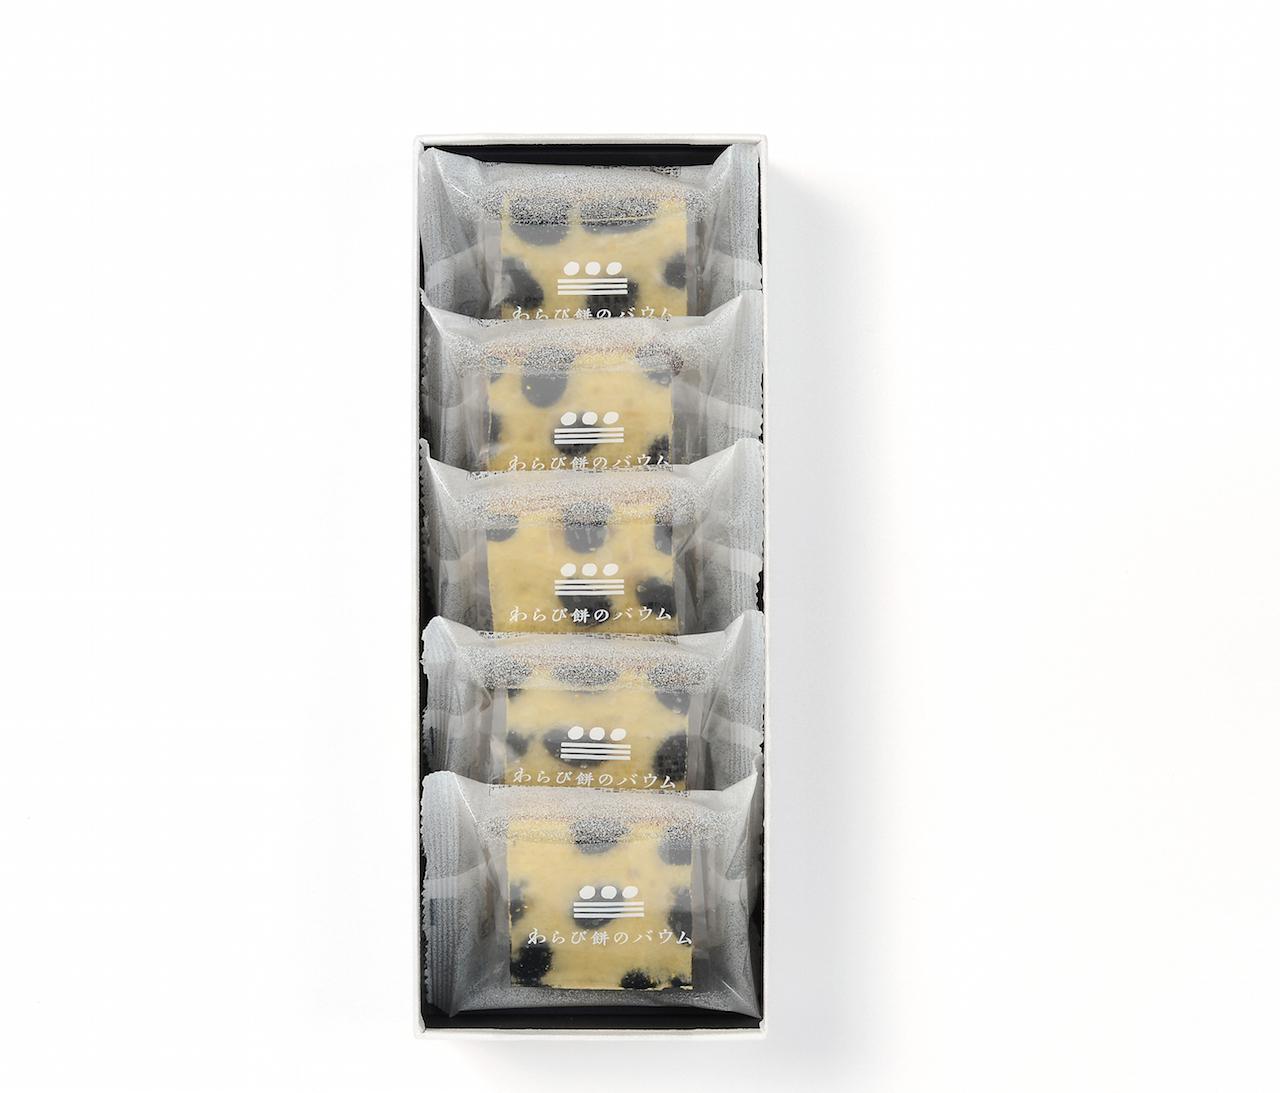 わらび餅のバウム(黒豆)(まめや 金澤萬久)